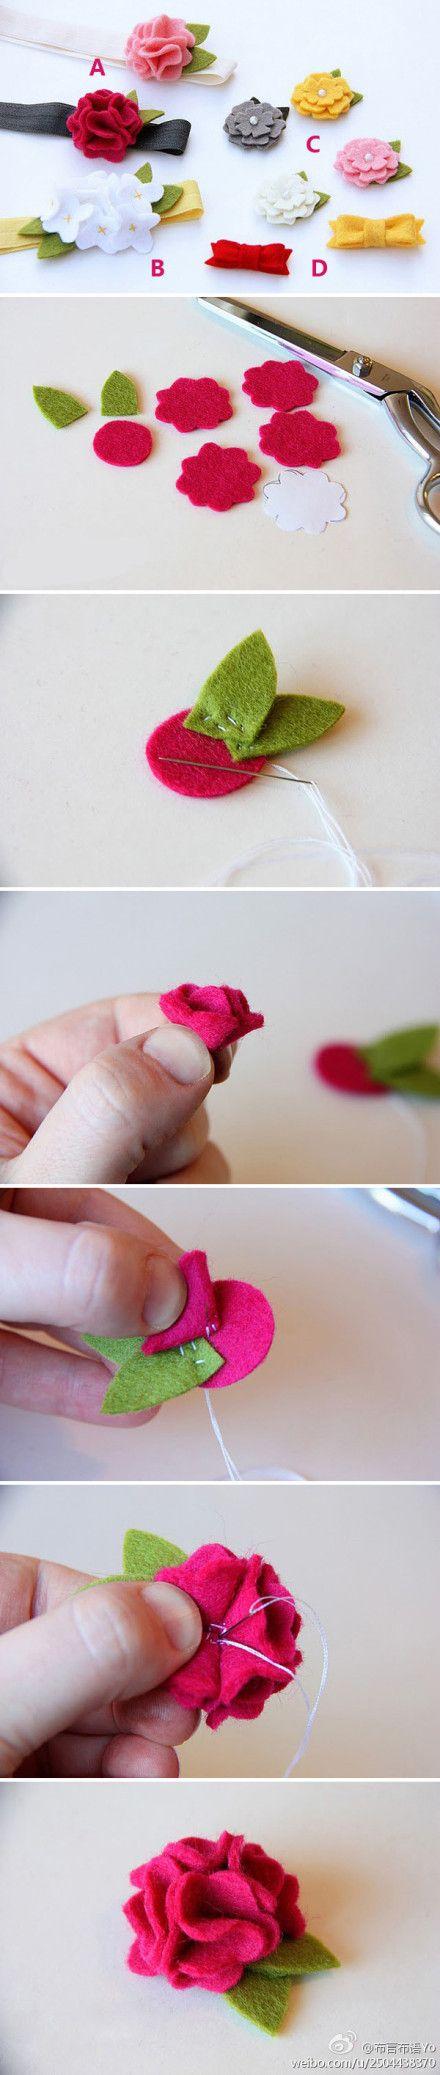 Adorable little felt flowers!